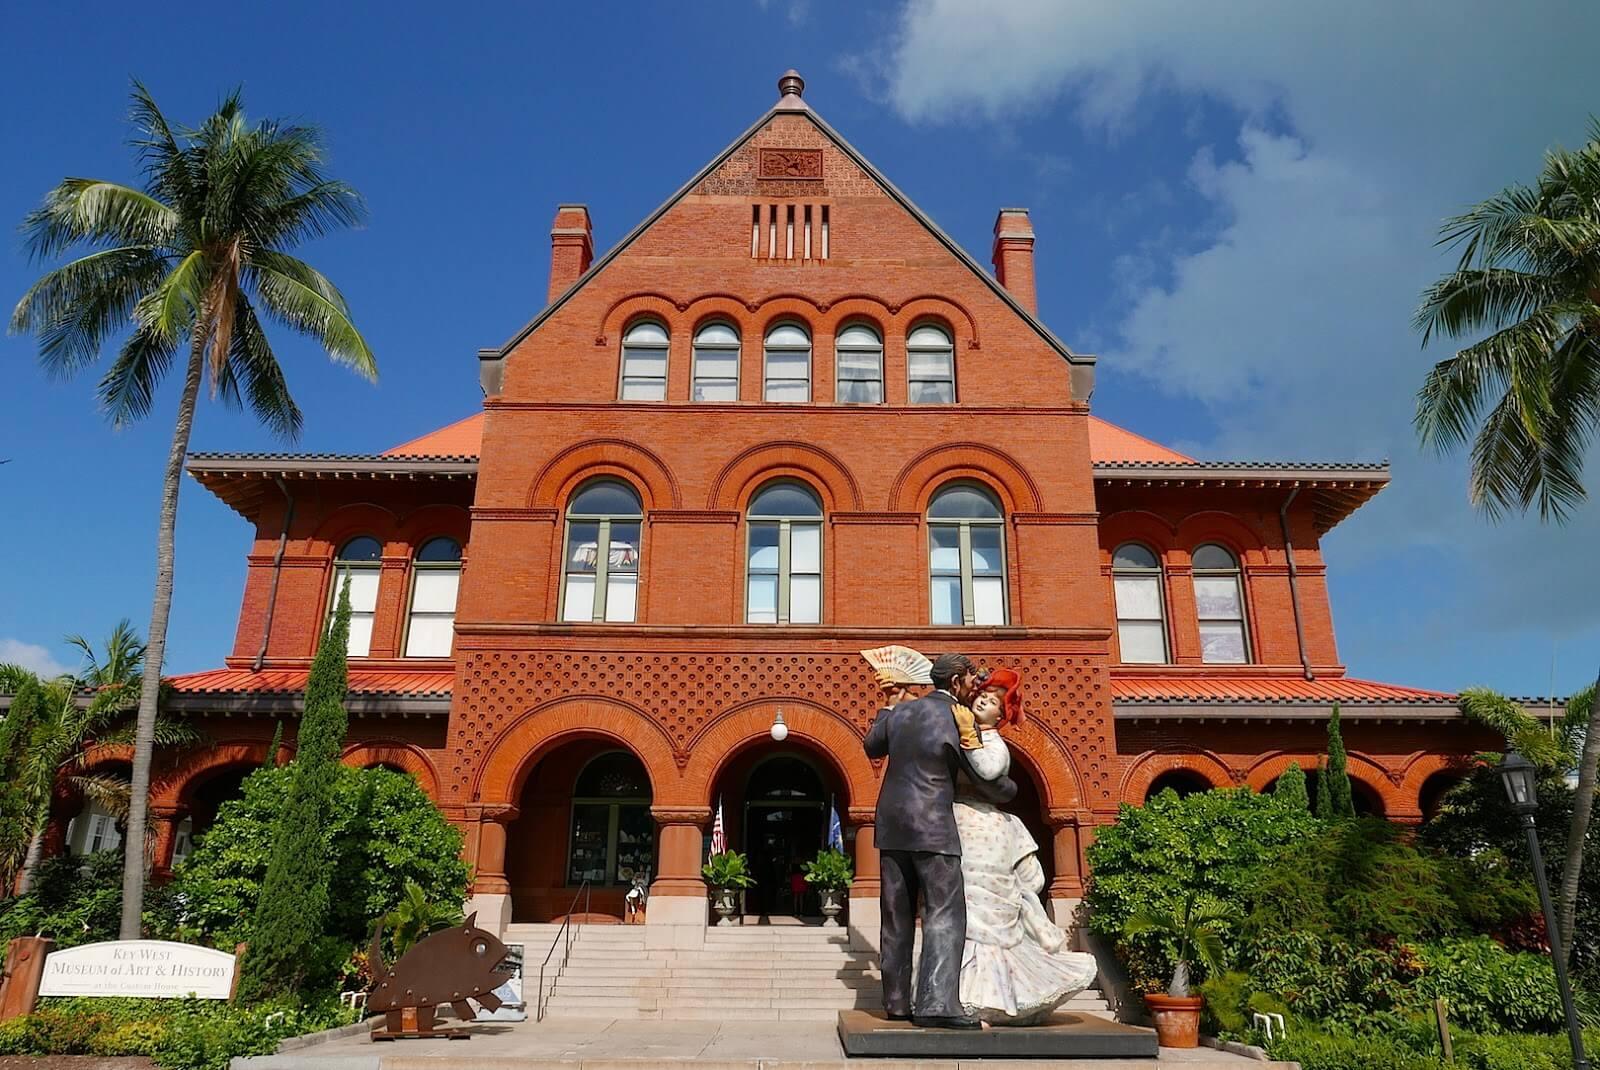 O que fazer em Key West: Key West Museum of Art & History